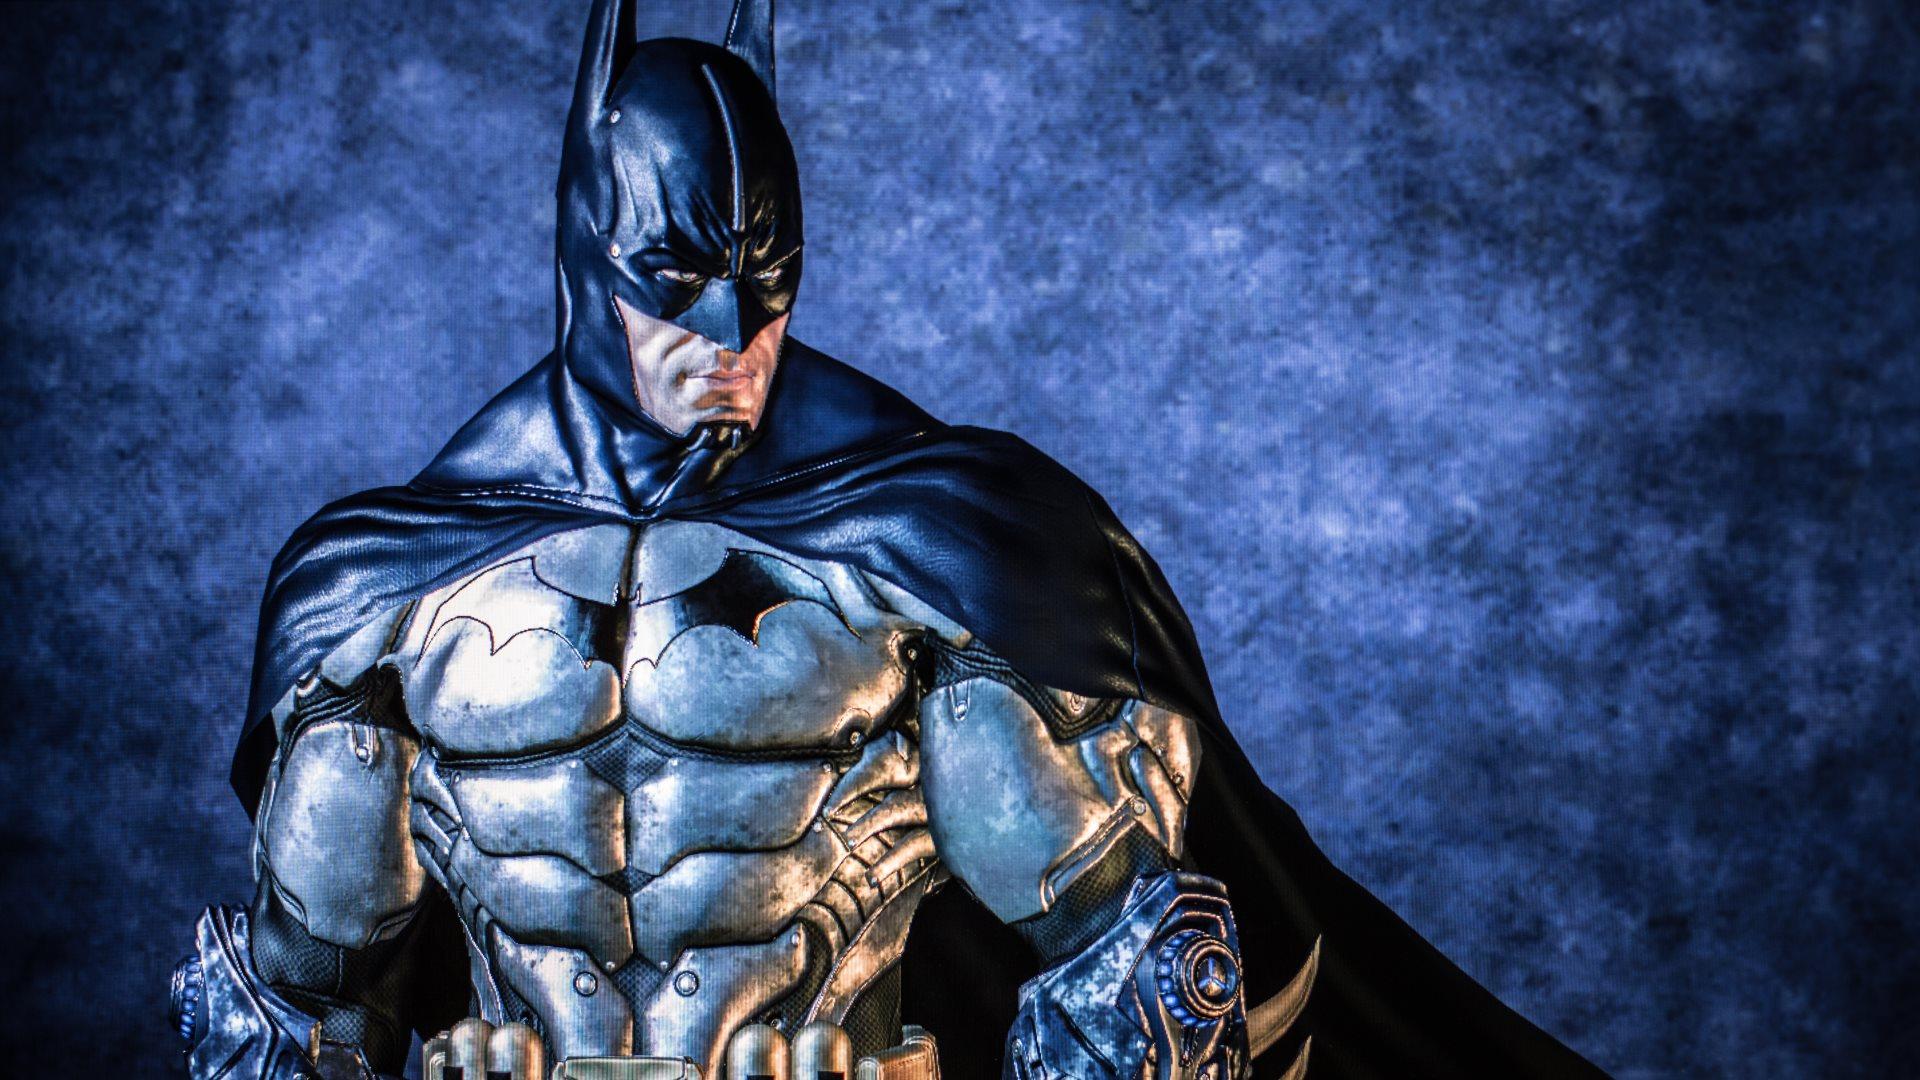 batman wide screen wide screen wallpaper 1080p 2k 4k